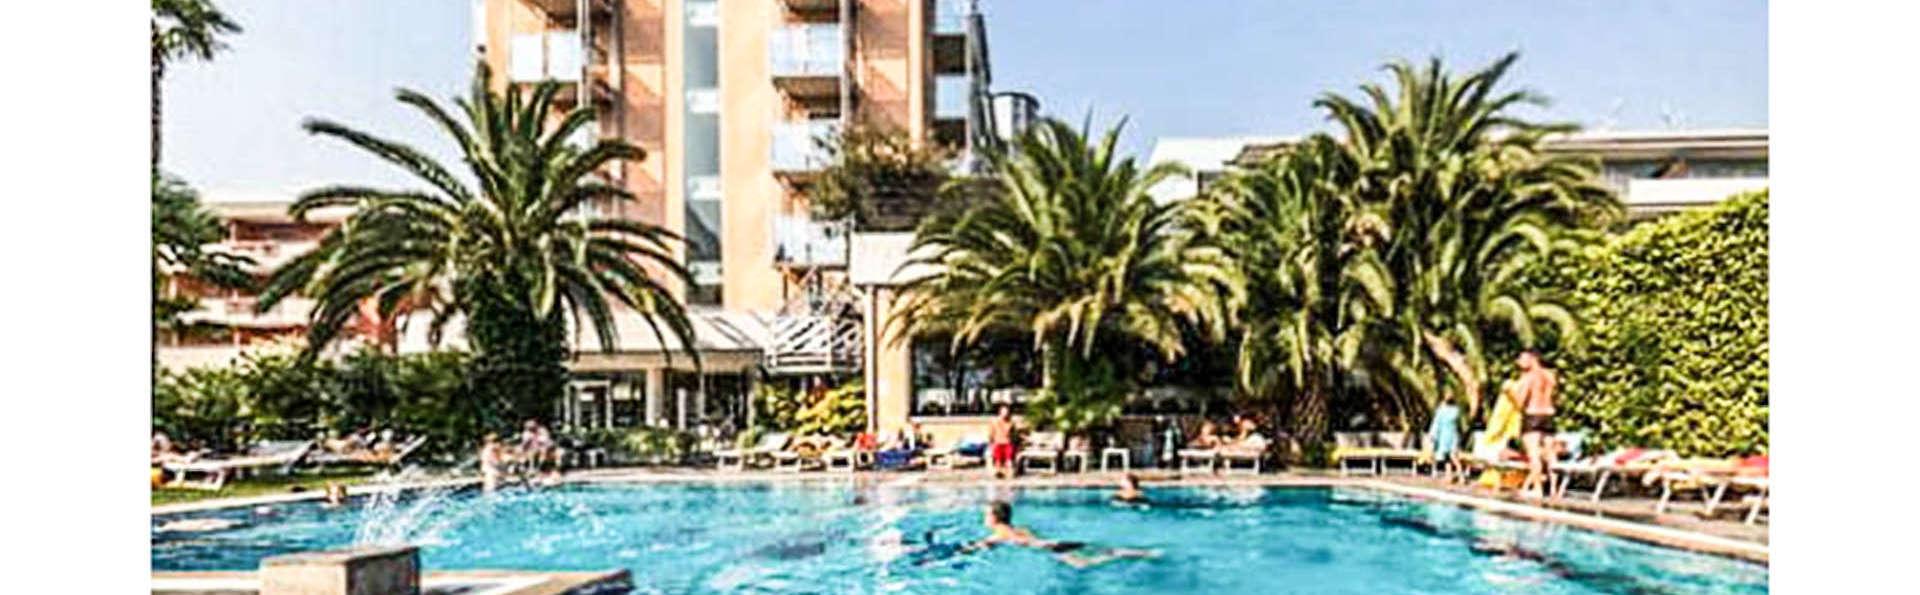 Hotel Mirage - EDIT_FRONT_01.jpg